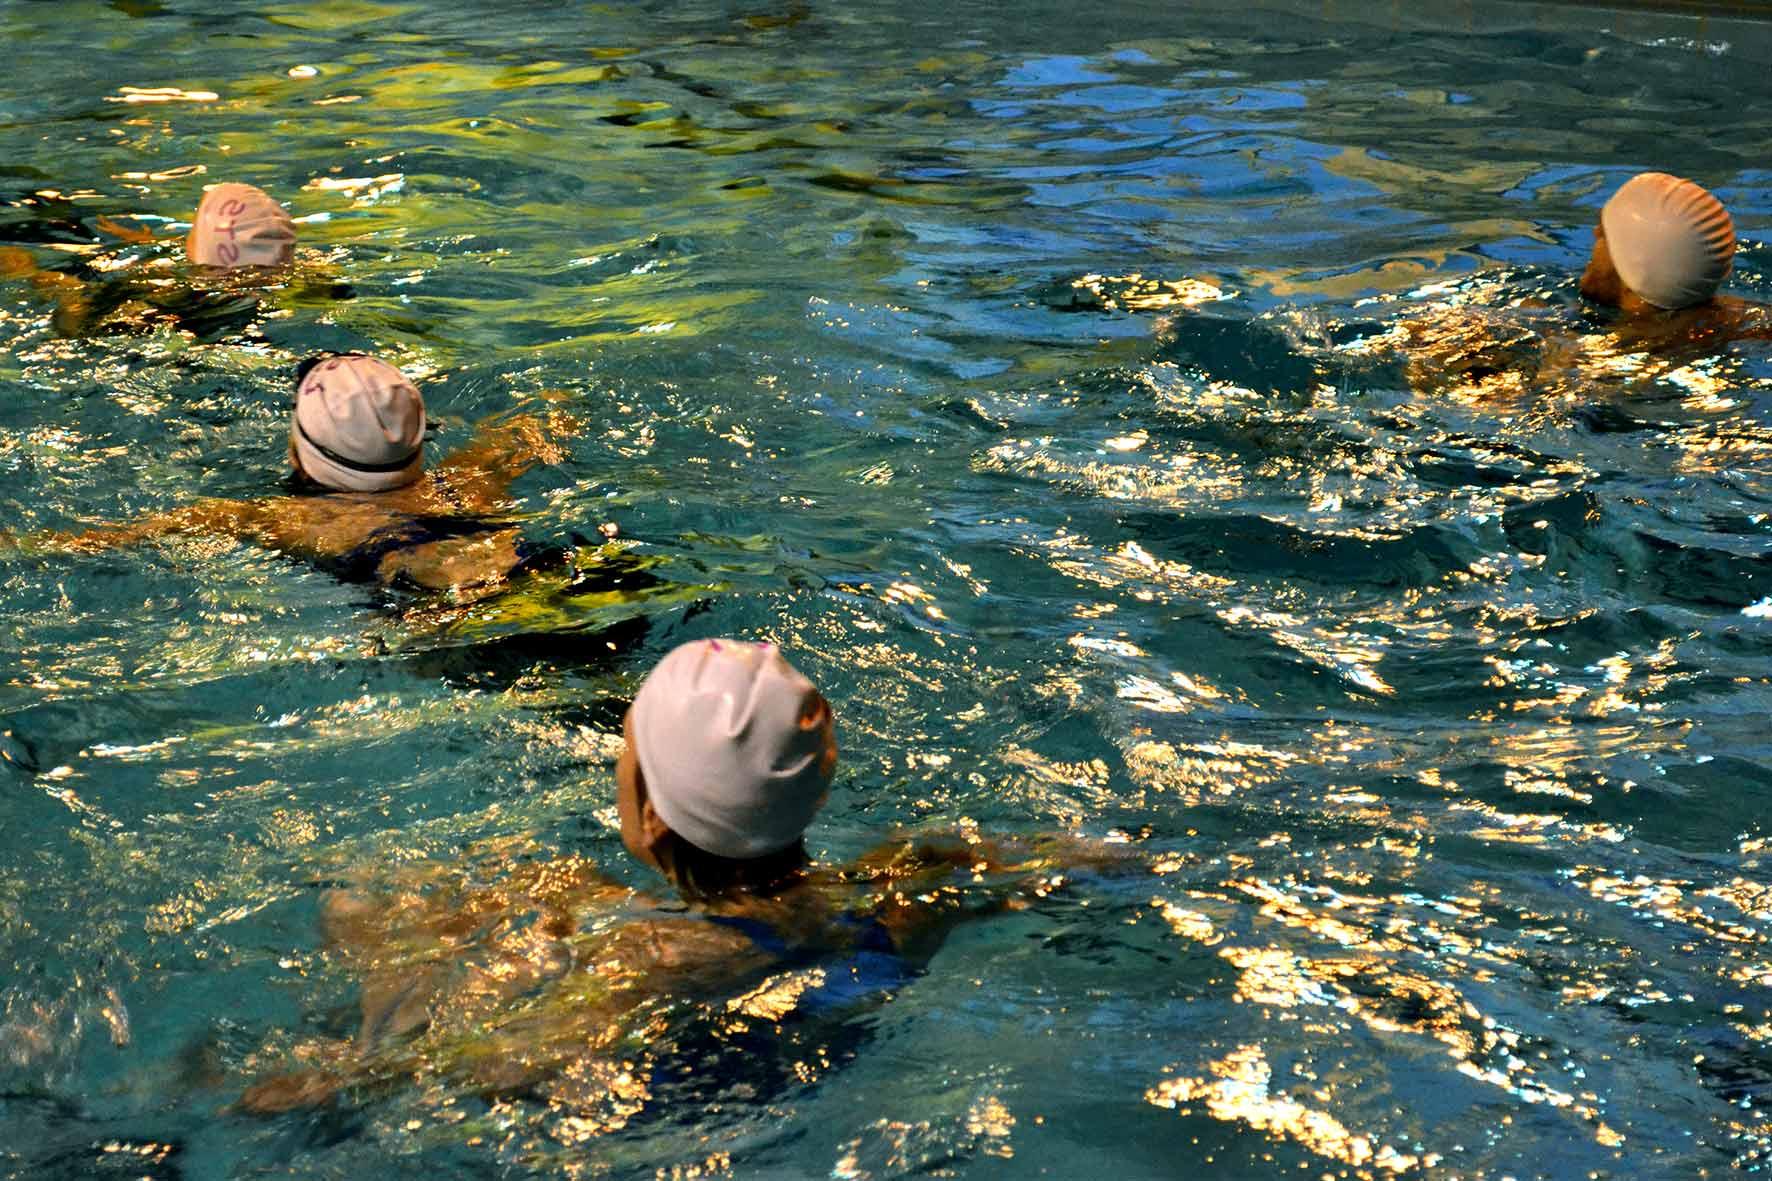 Natation - La natation est une discipline qui travaille sur l'ensemble du corps. Elle vous permet de renforcer vos articulations ainsi que votre masse musculaire sans pour autant forcer. Savez-vous que nous ne faisons que dix pour cent de notre poids dans l'eau ?